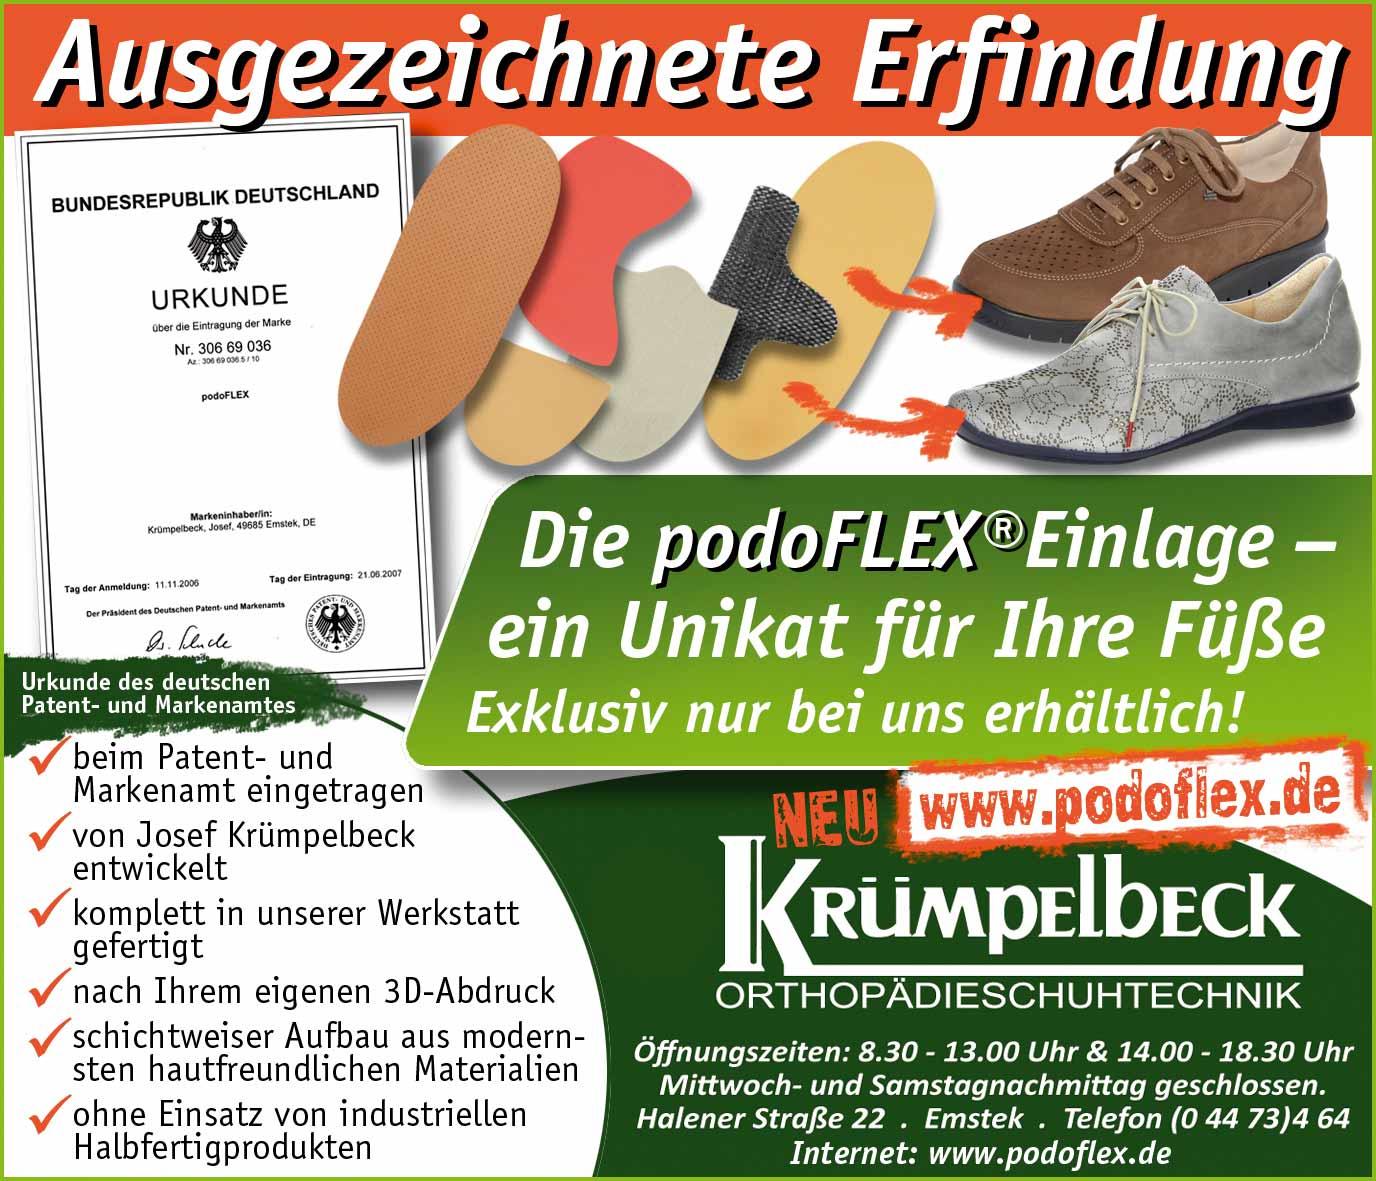 Podoflex Einlage der Firma Krümpelbeck Emstek